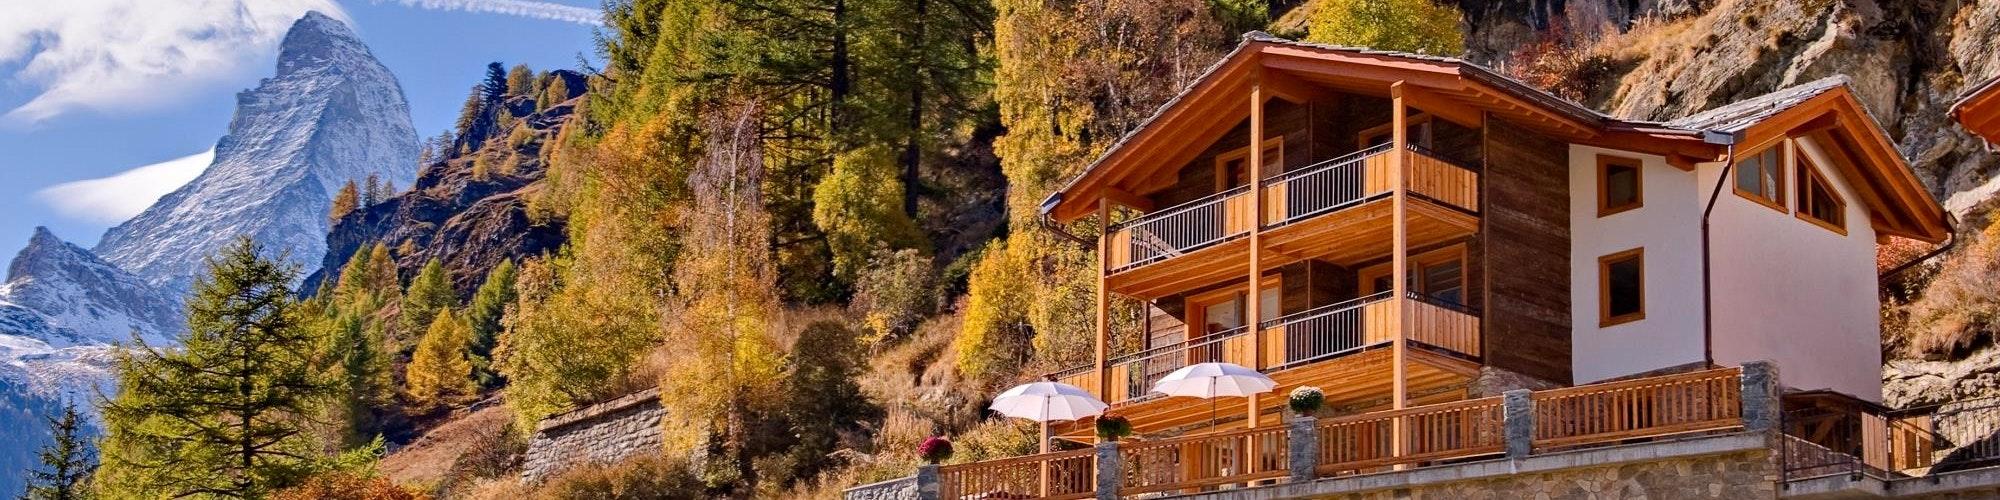 Ferienwohnungen in Zermatt